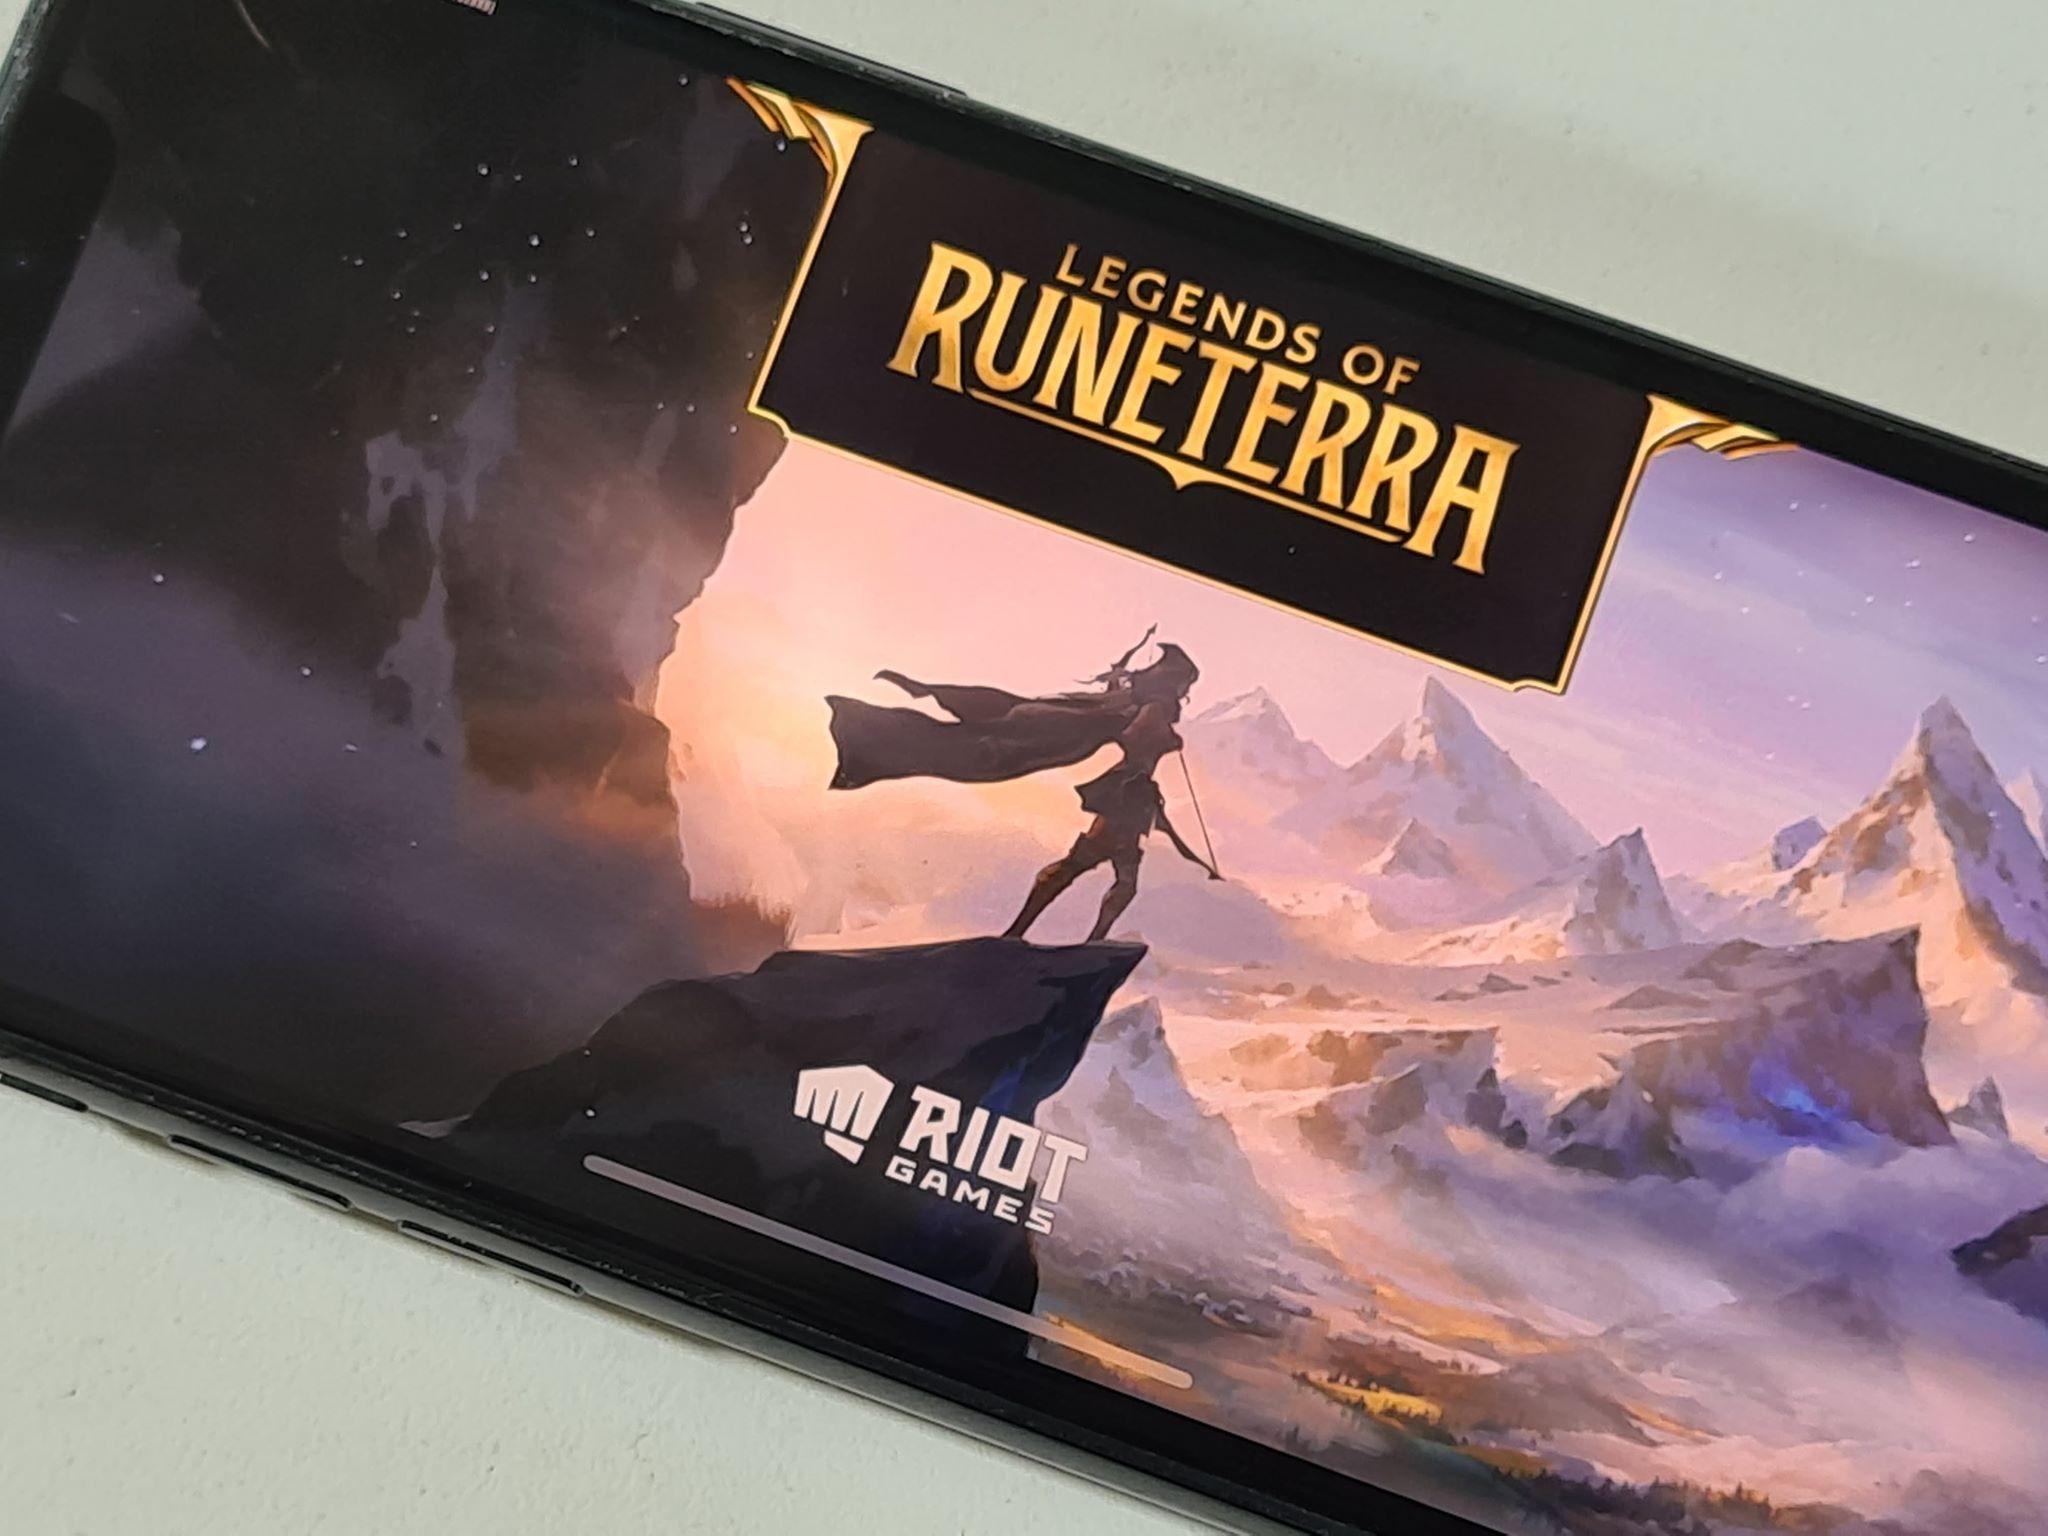 Dans l'univers de League of Legends, Legends of Runeterra débarque sur Android et iPhone